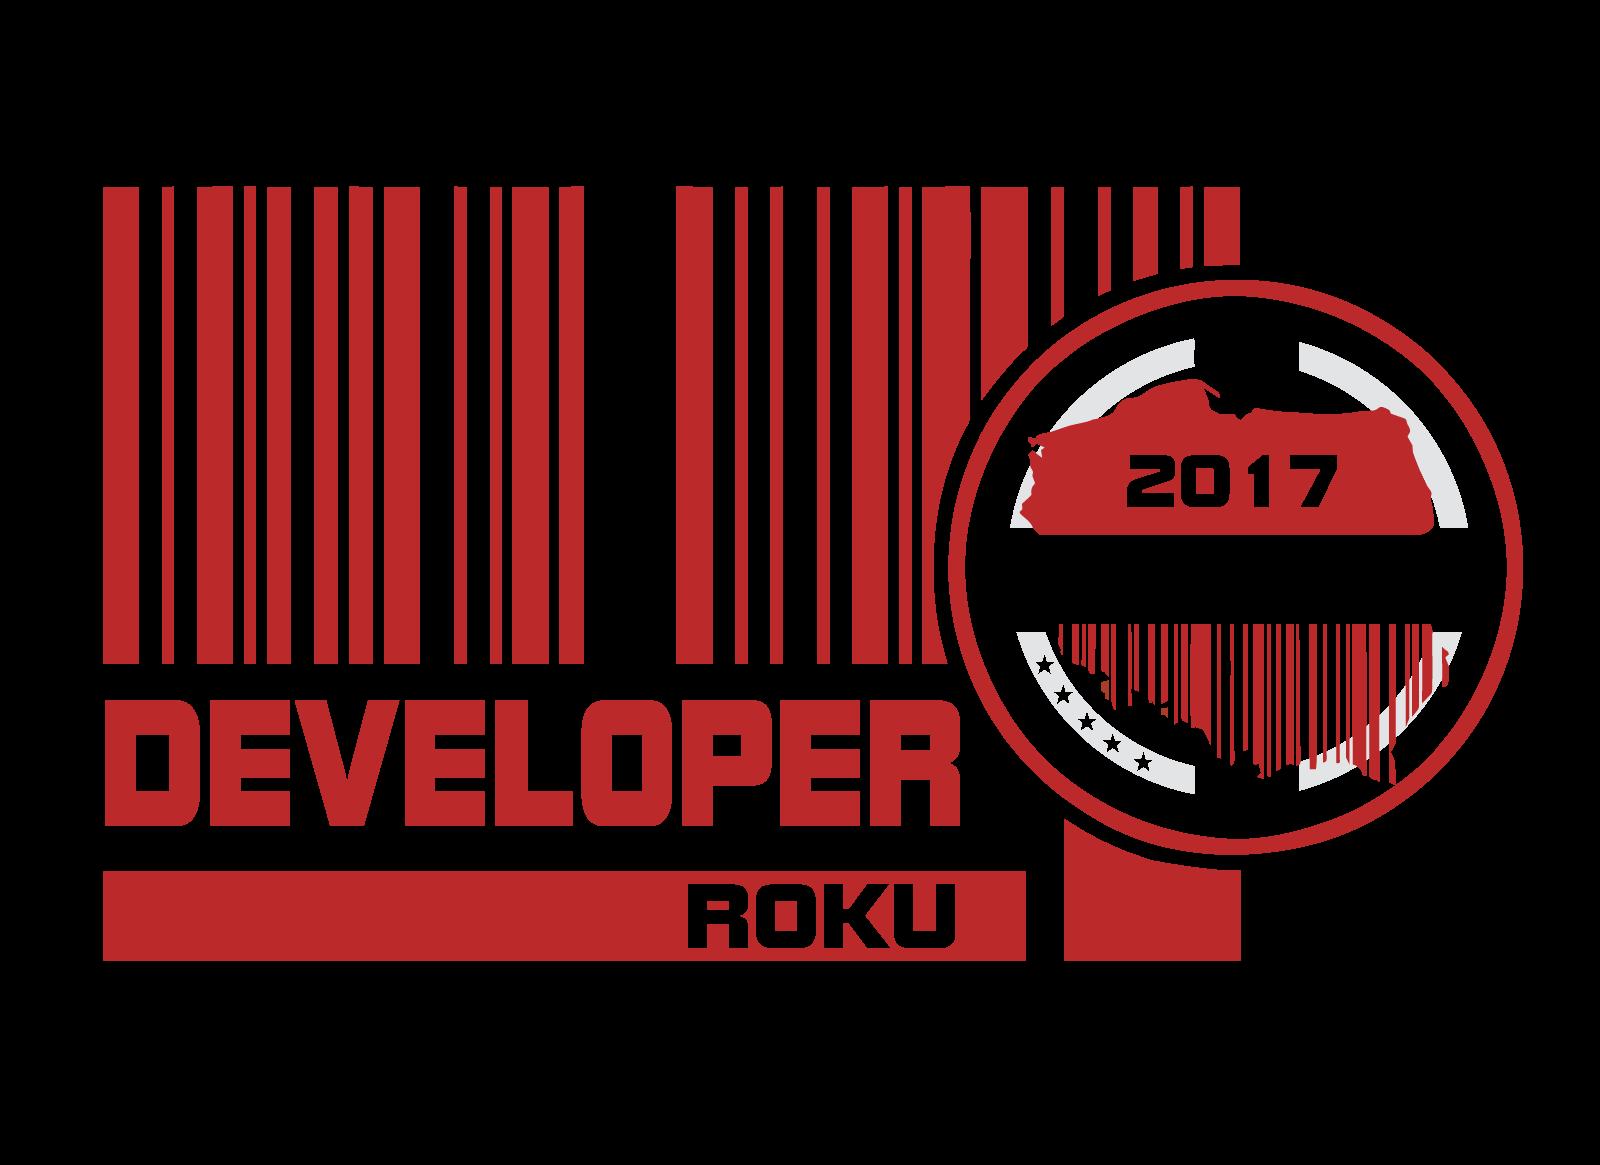 Deweloper Roku 2017